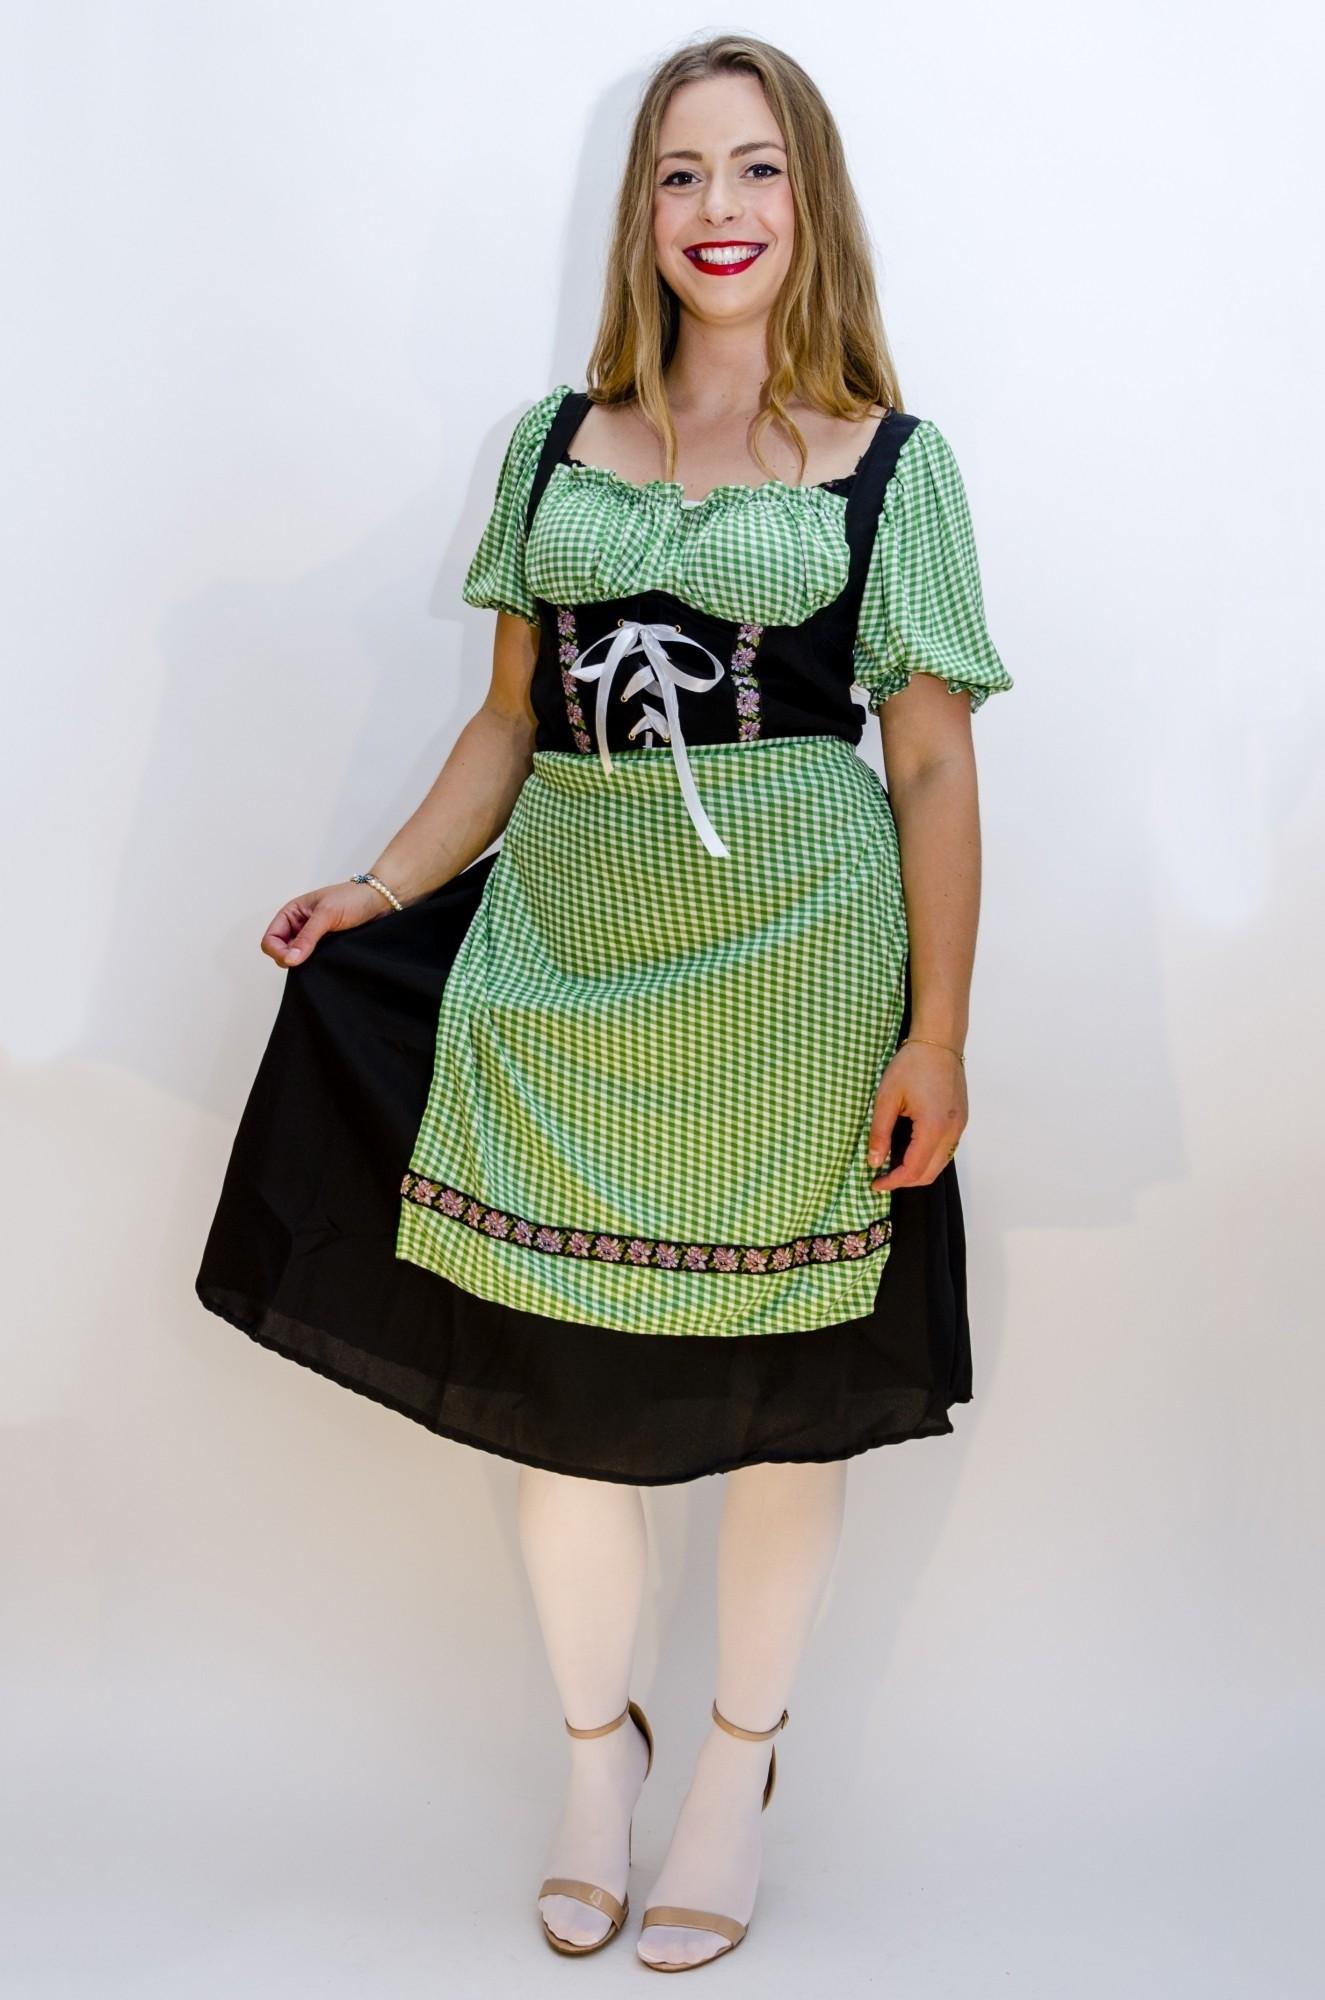 b52e5f9e8f55d8 Tiroler jurk Angela - Confettifeest.nl